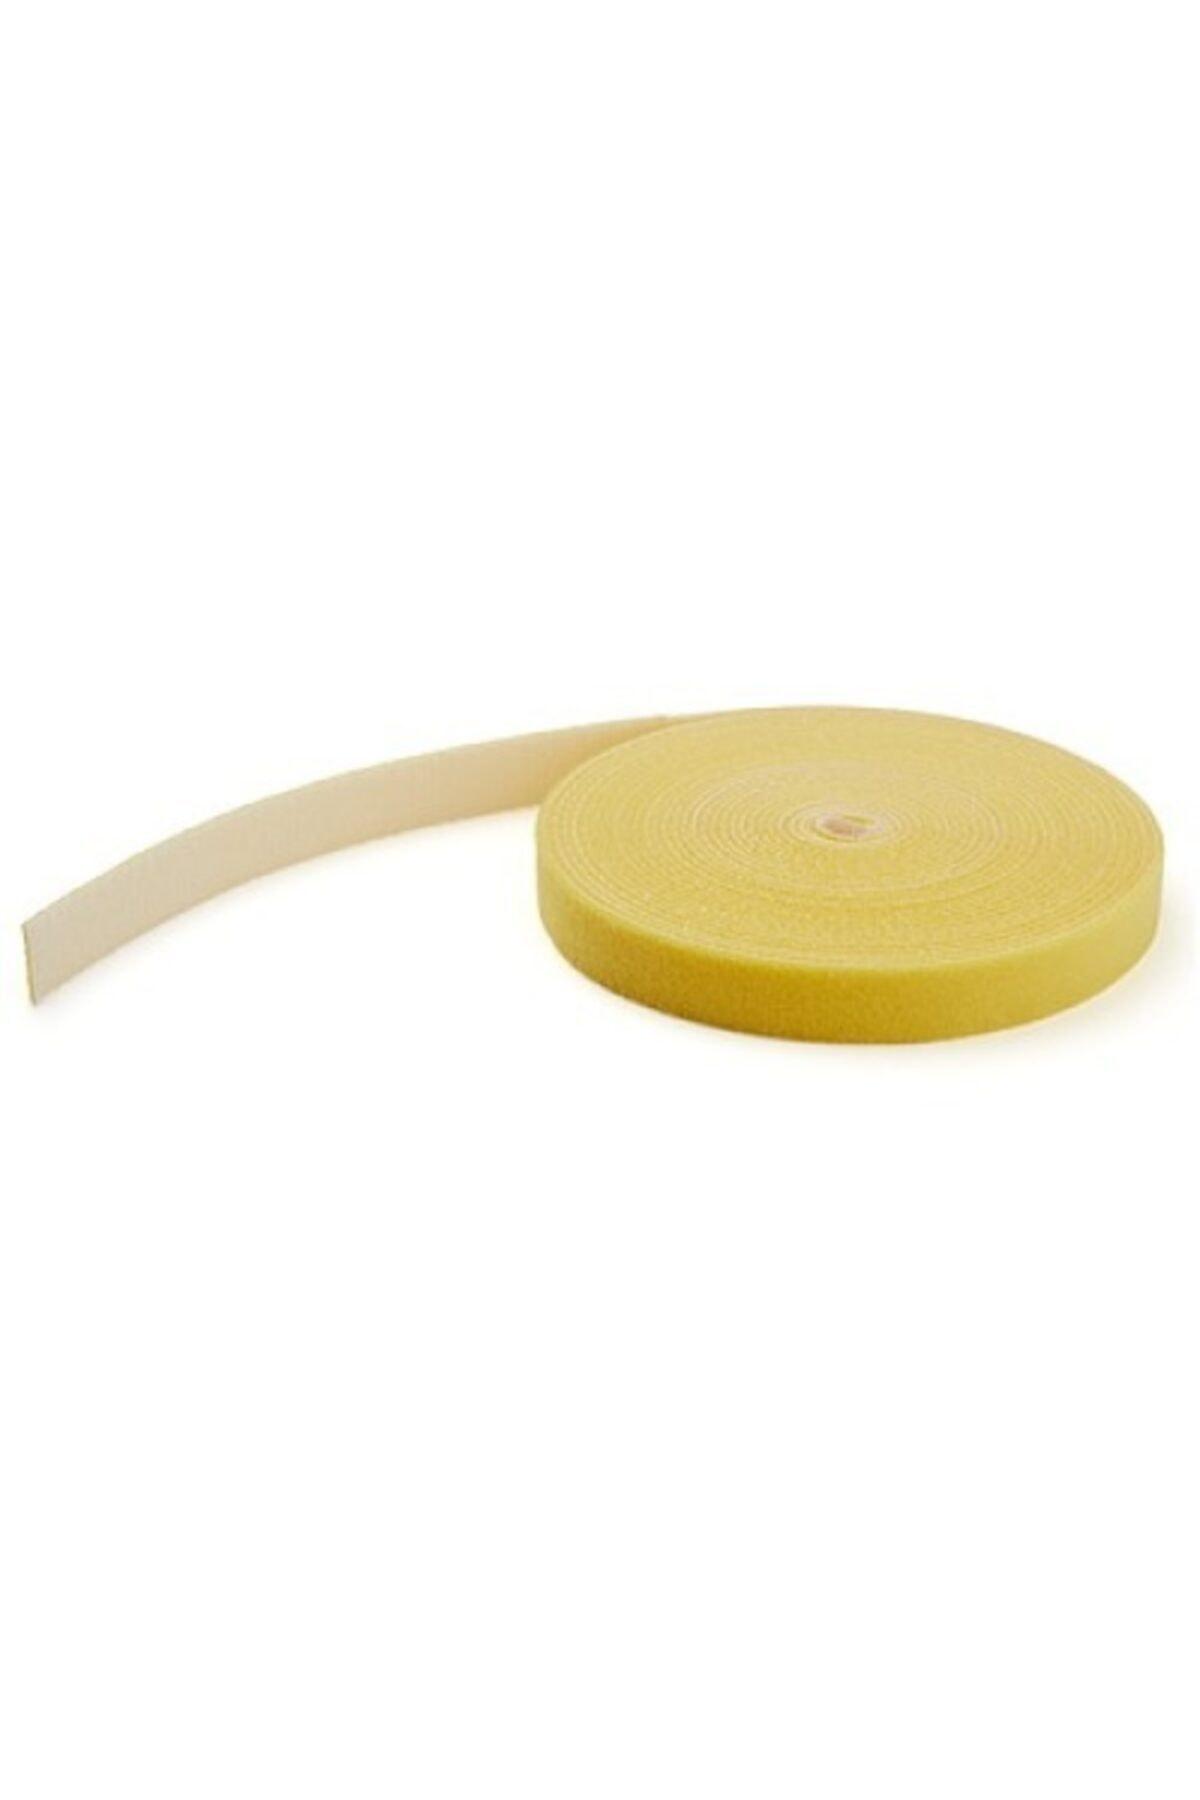 Hdg Kesilebilir Kablo Sarıcı Ve Düzenleyici Organizatör 3 Metre -sarı 2